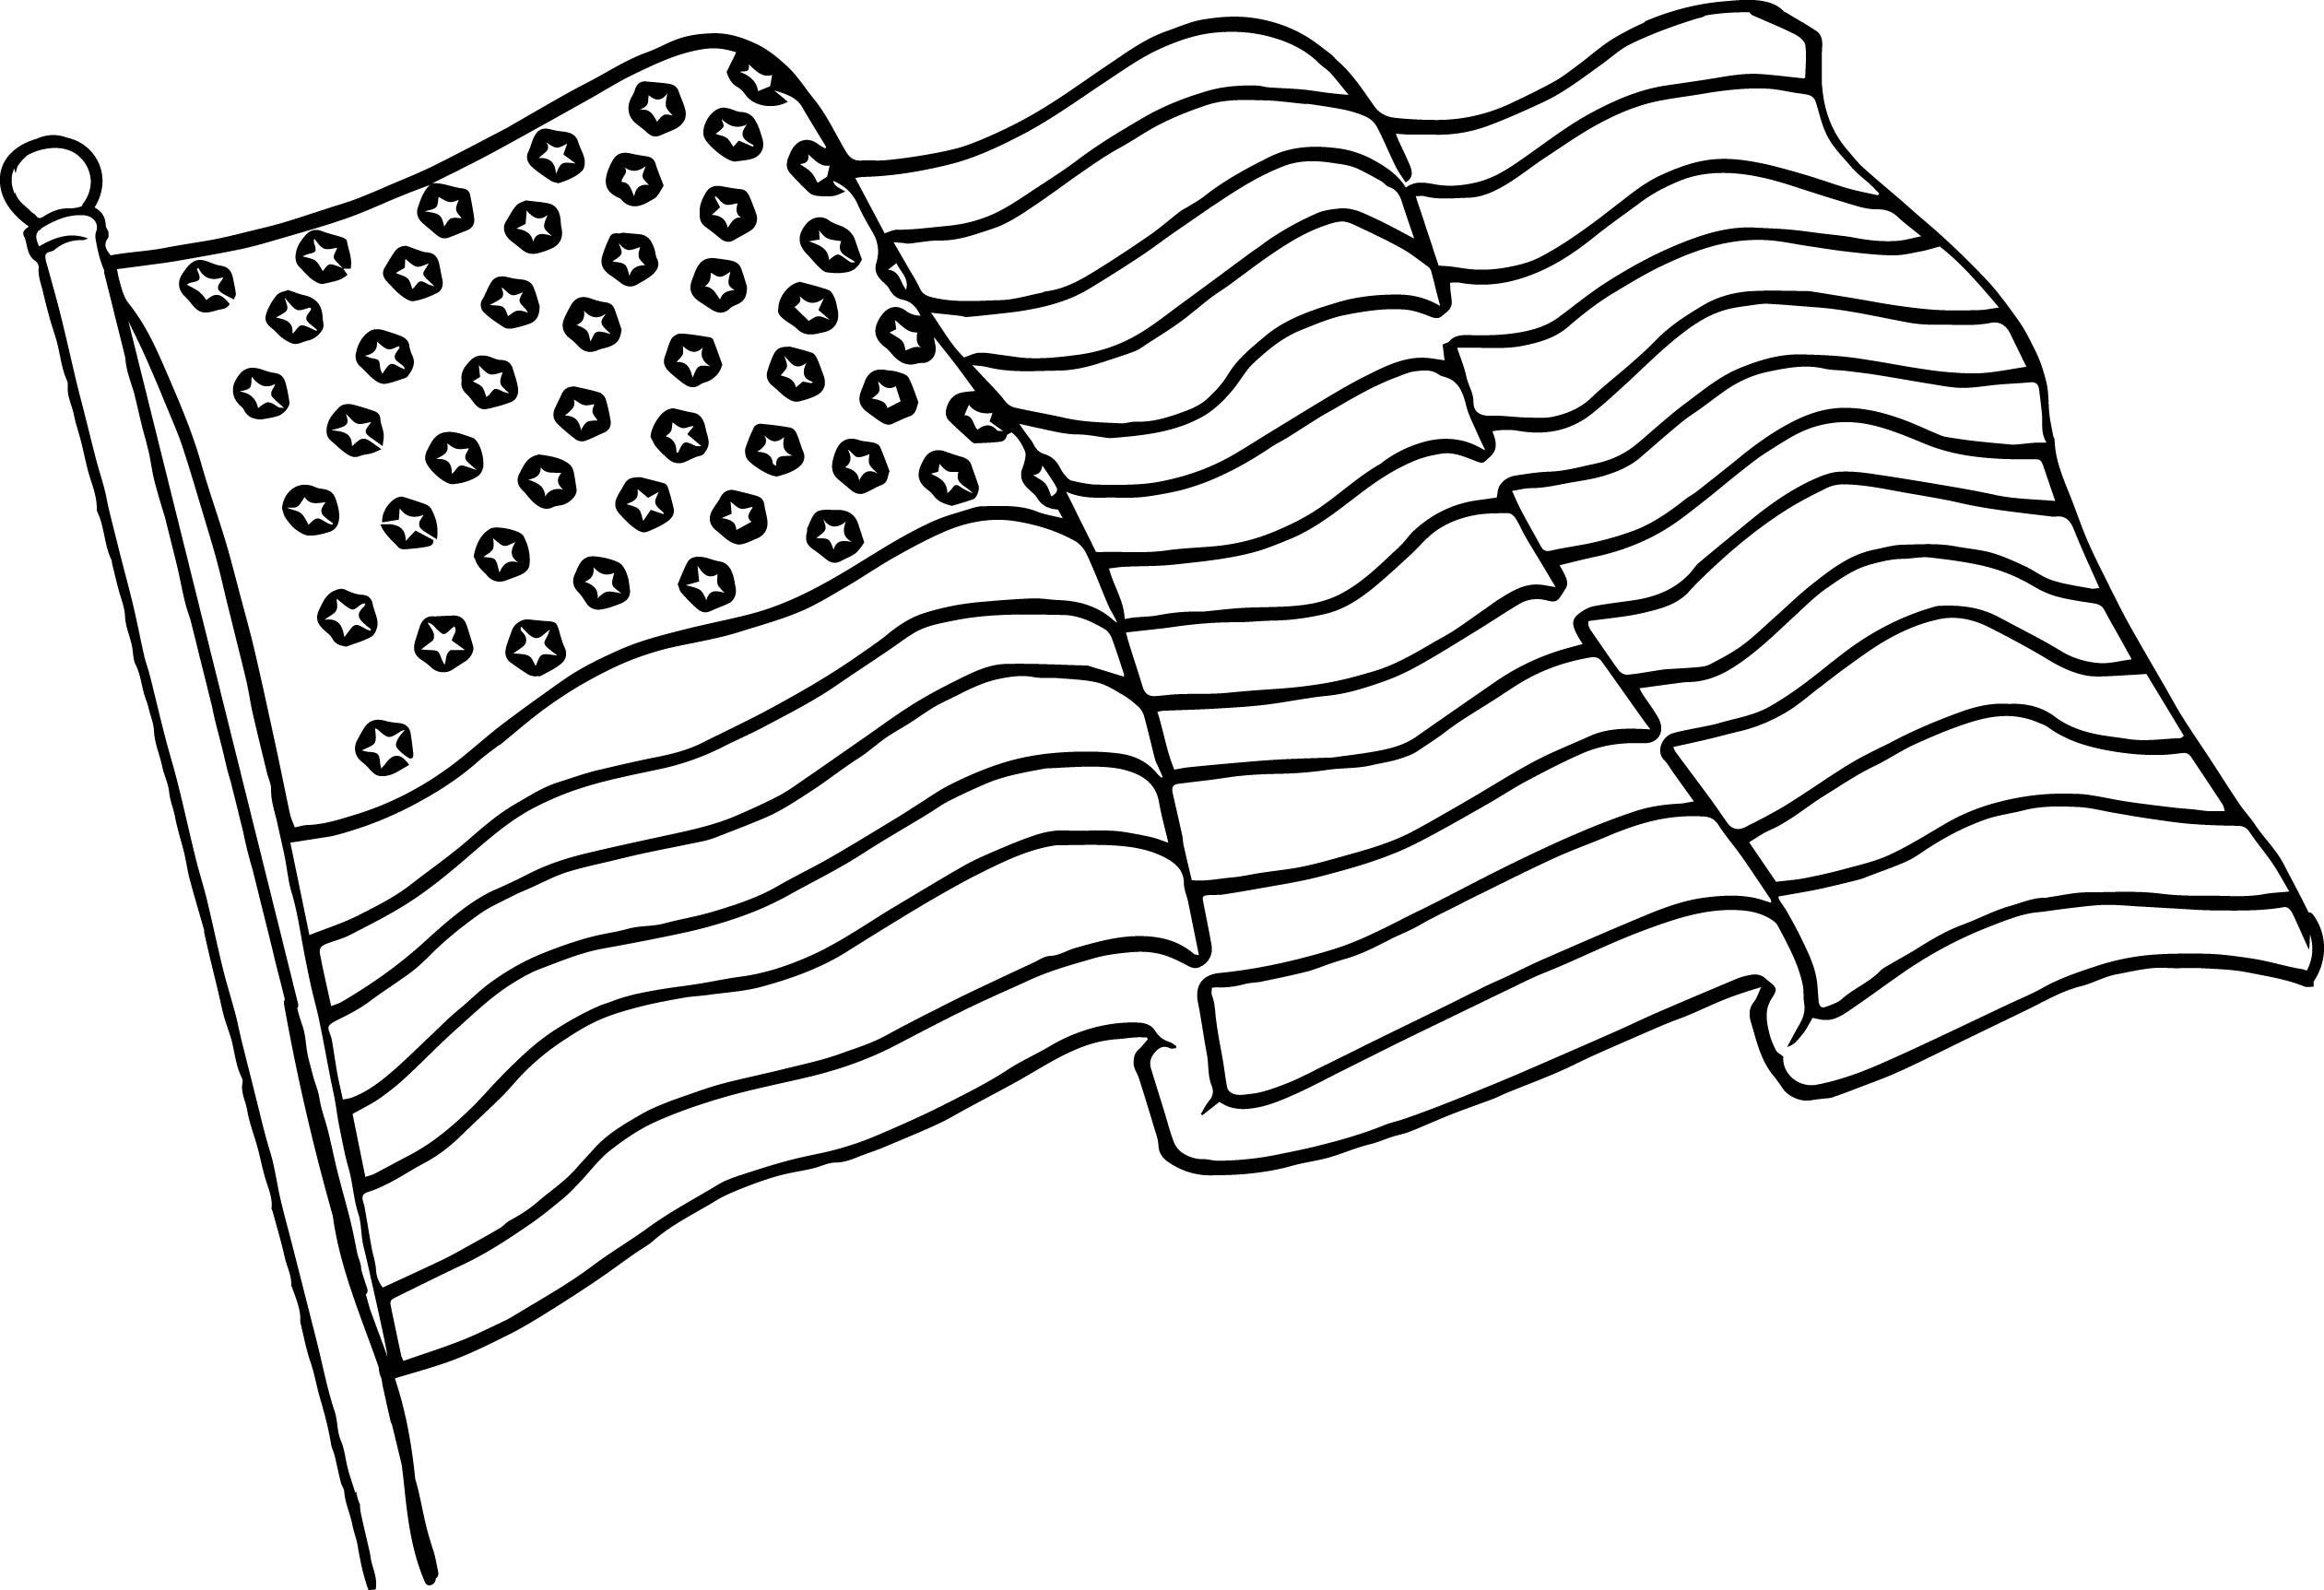 printable coloring flag usa usa flag coloring page a free travel coloring printable flag printable coloring usa